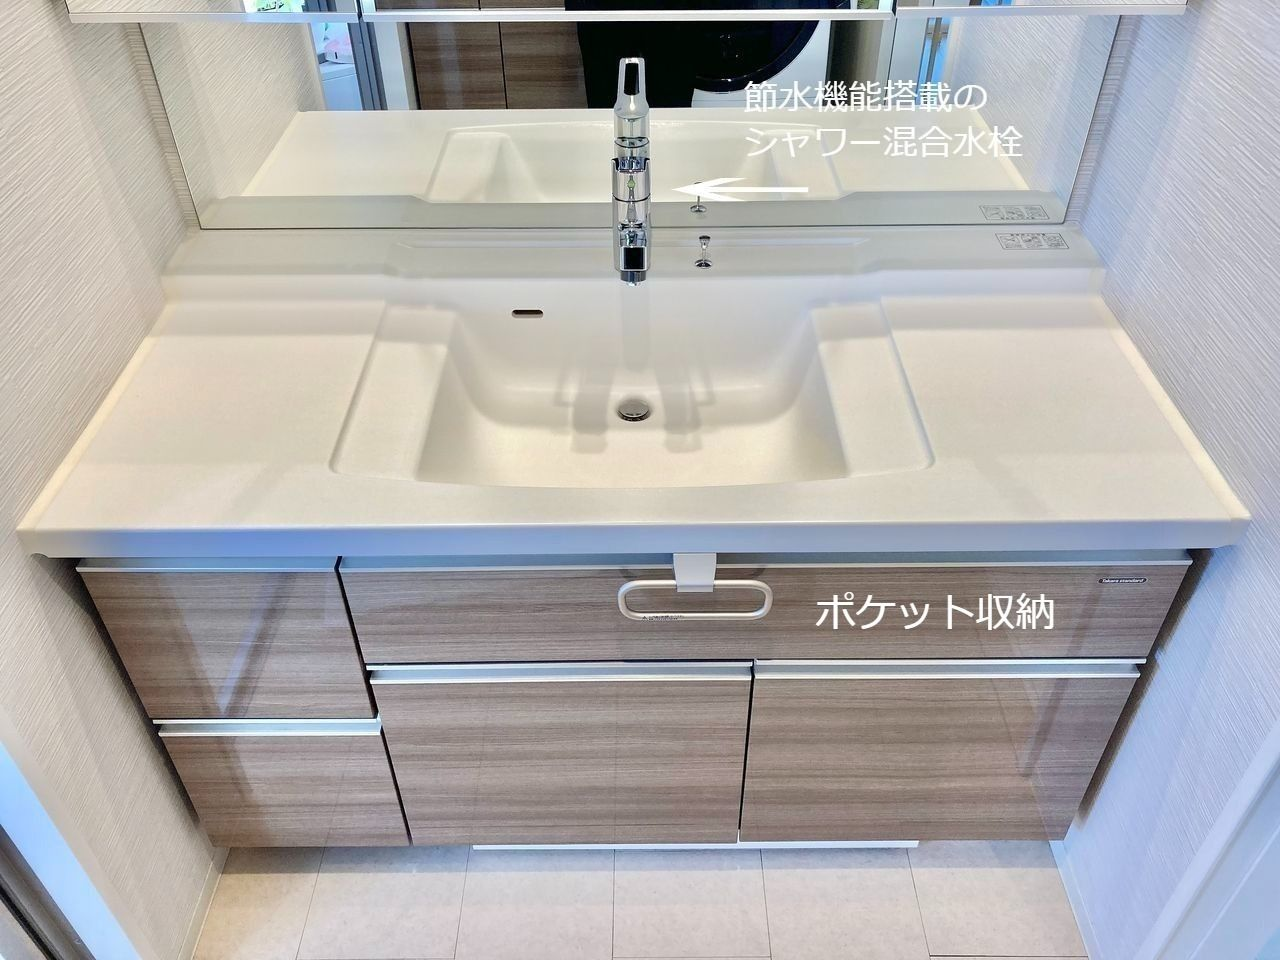 人造大理石の洗面カウンターには便利な段差を設けました。濡れたものと乾いたものを置き分けられます。洗面器はつなぎ目のない一体成形なので、汚れにくく、お掃除もかんたんです。